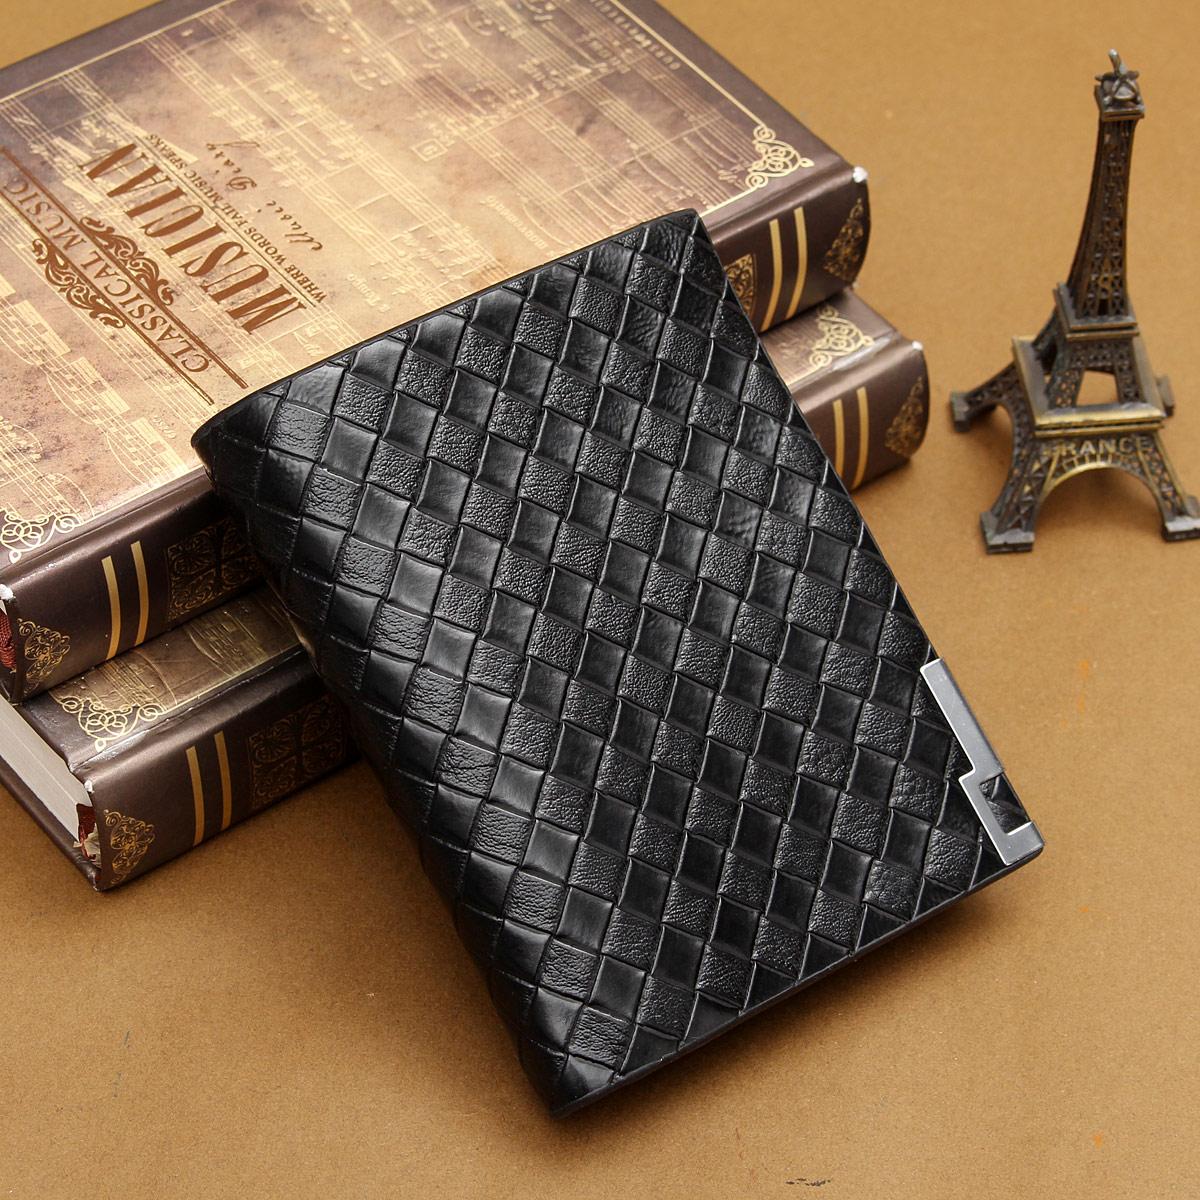 Homme portefeuille porte monnaie avec fermeture eclair en cuir court id carte ebay - Portefeuille cuir homme avec porte monnaie ...